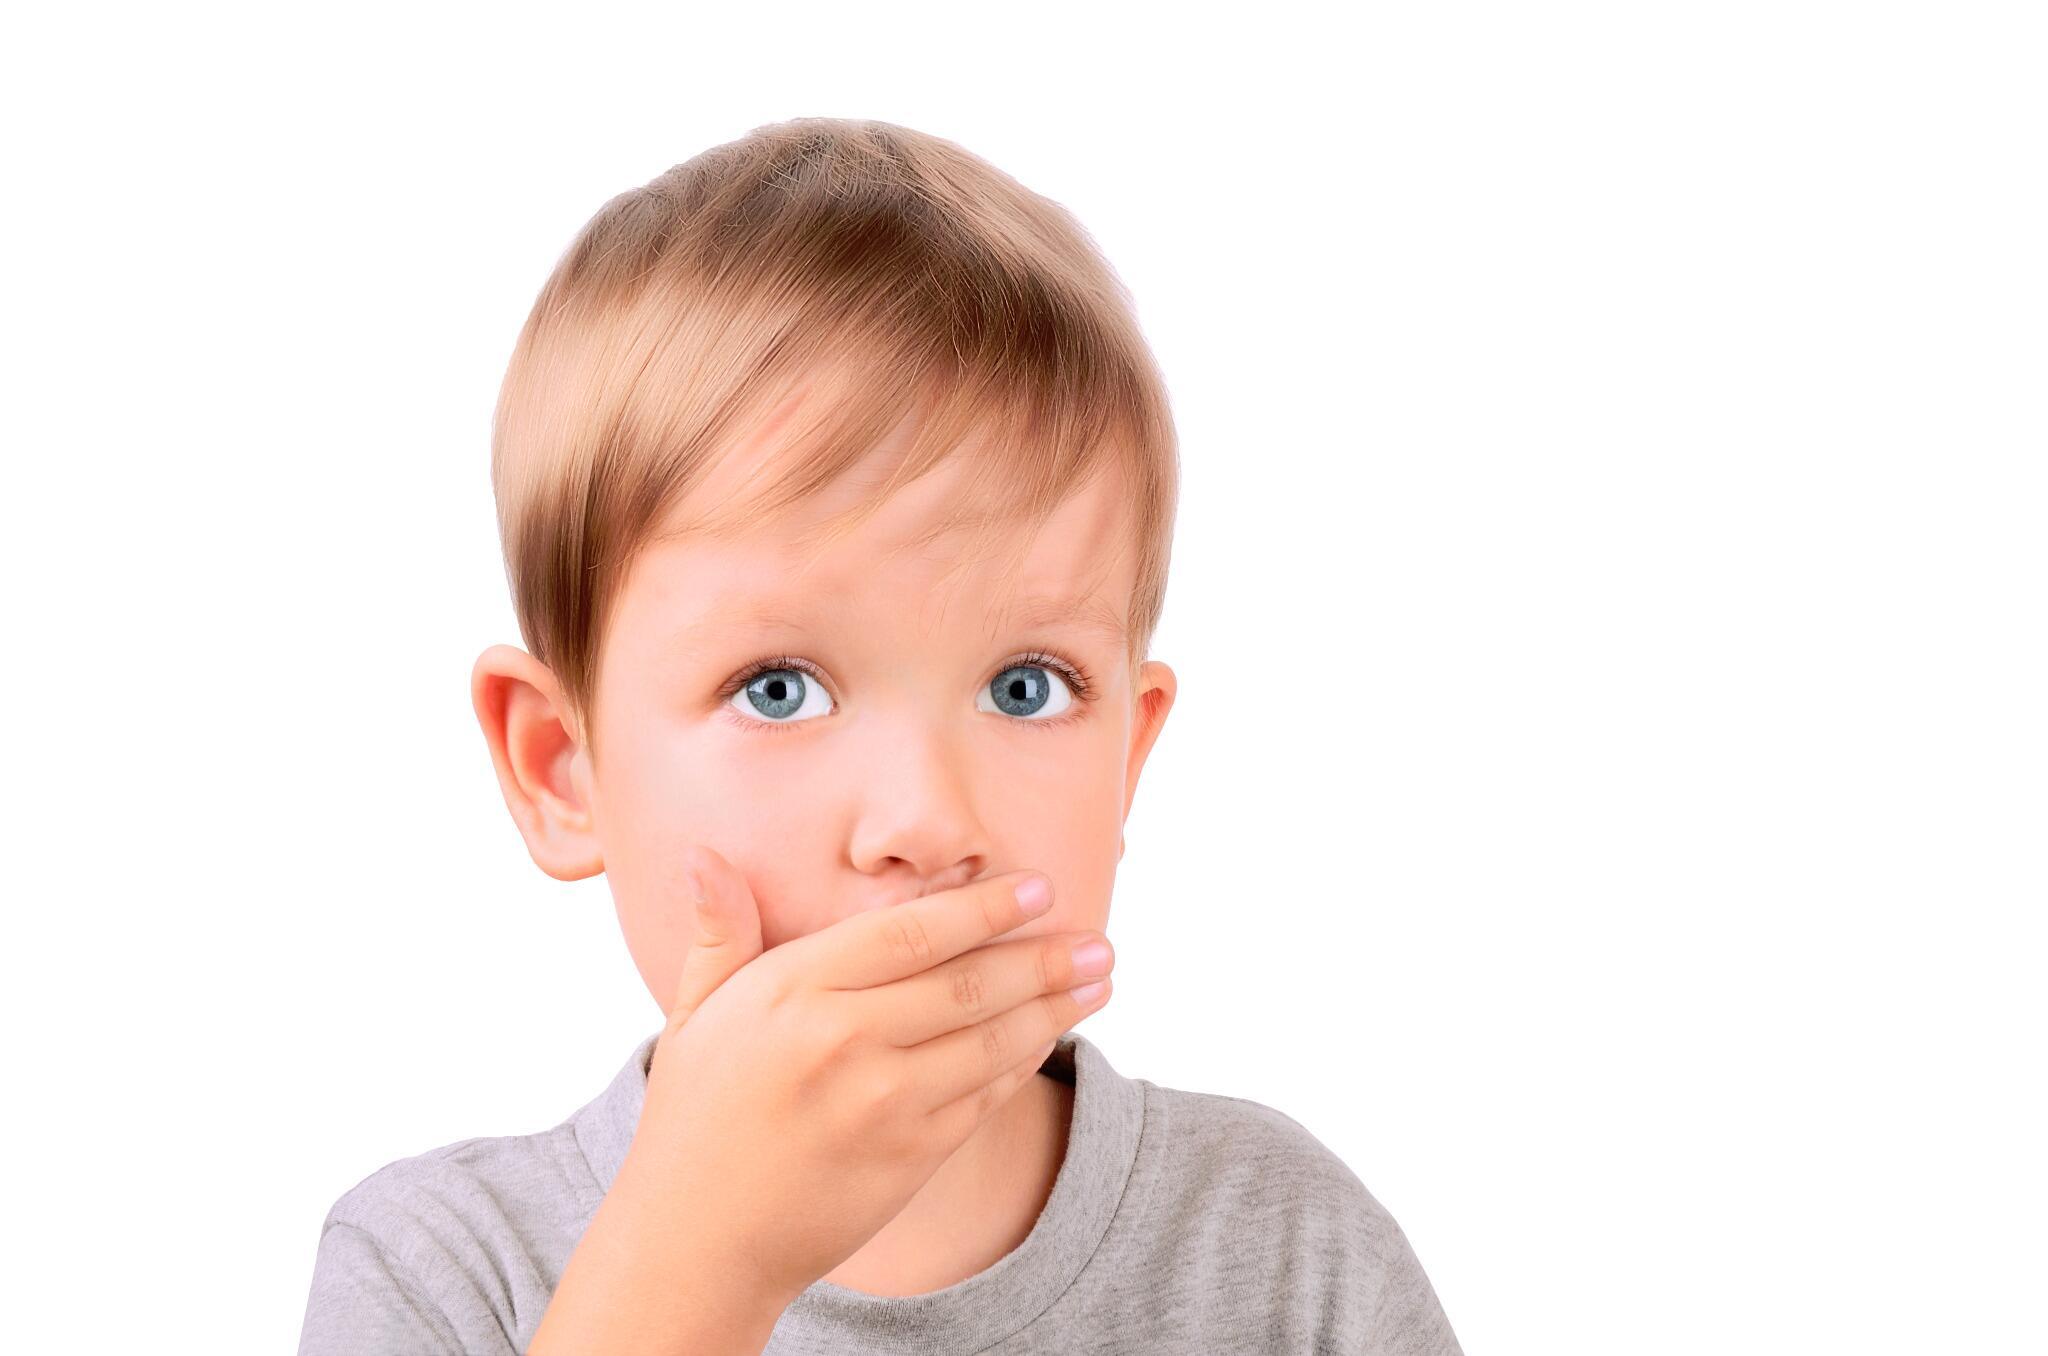 Новорожденный во сне не закрывает рот: возможные причины, что делать родителям